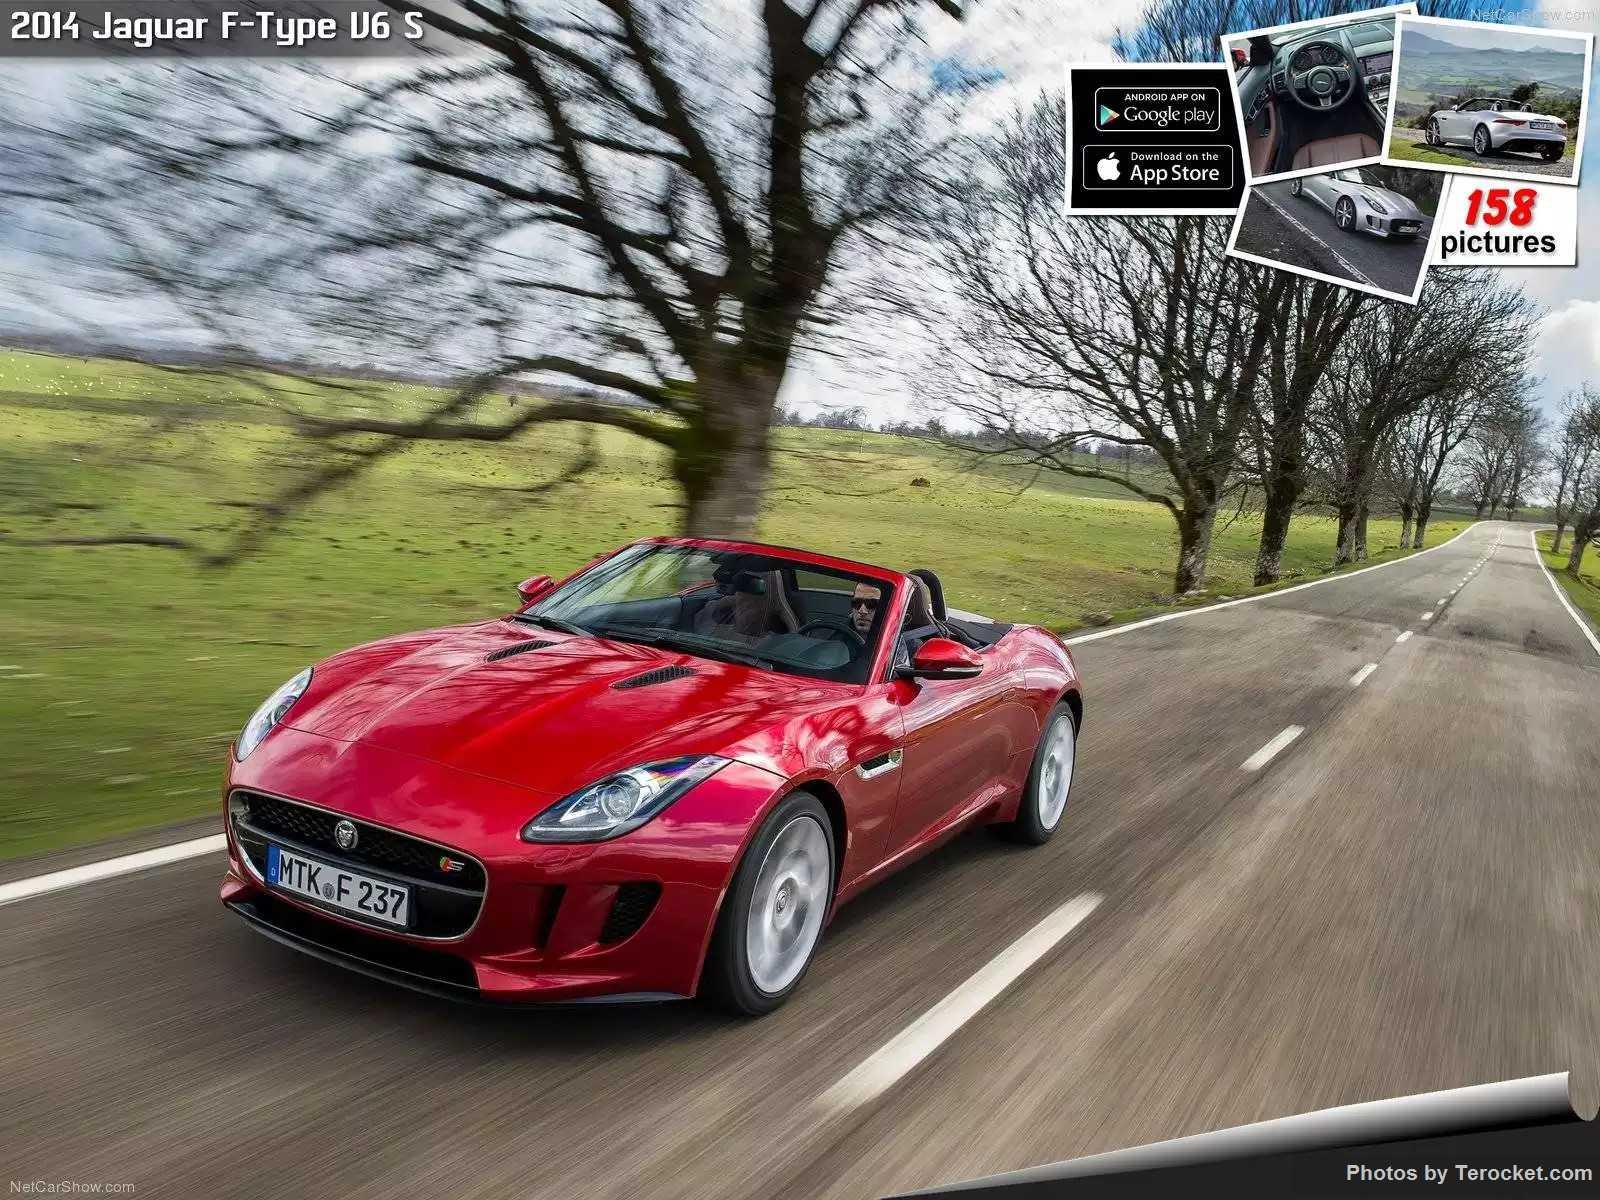 Hình ảnh xe ô tô Jaguar F-Type V6 S 2014 & nội ngoại thất